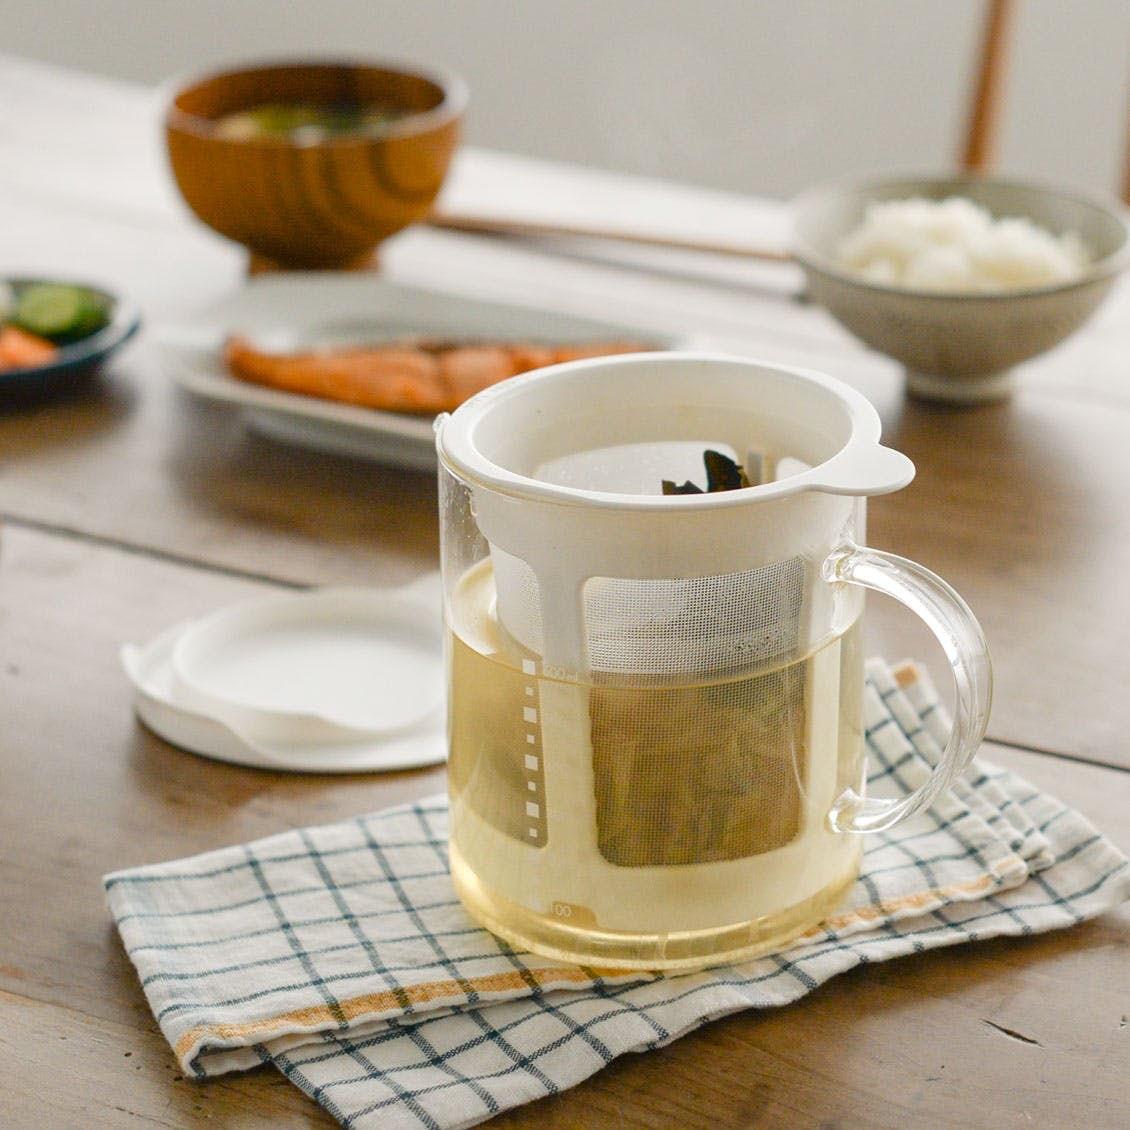 【新商品】毎日の味噌汁がごちそうに! レンジで簡単にだしが取れる「だしポット」が登場です